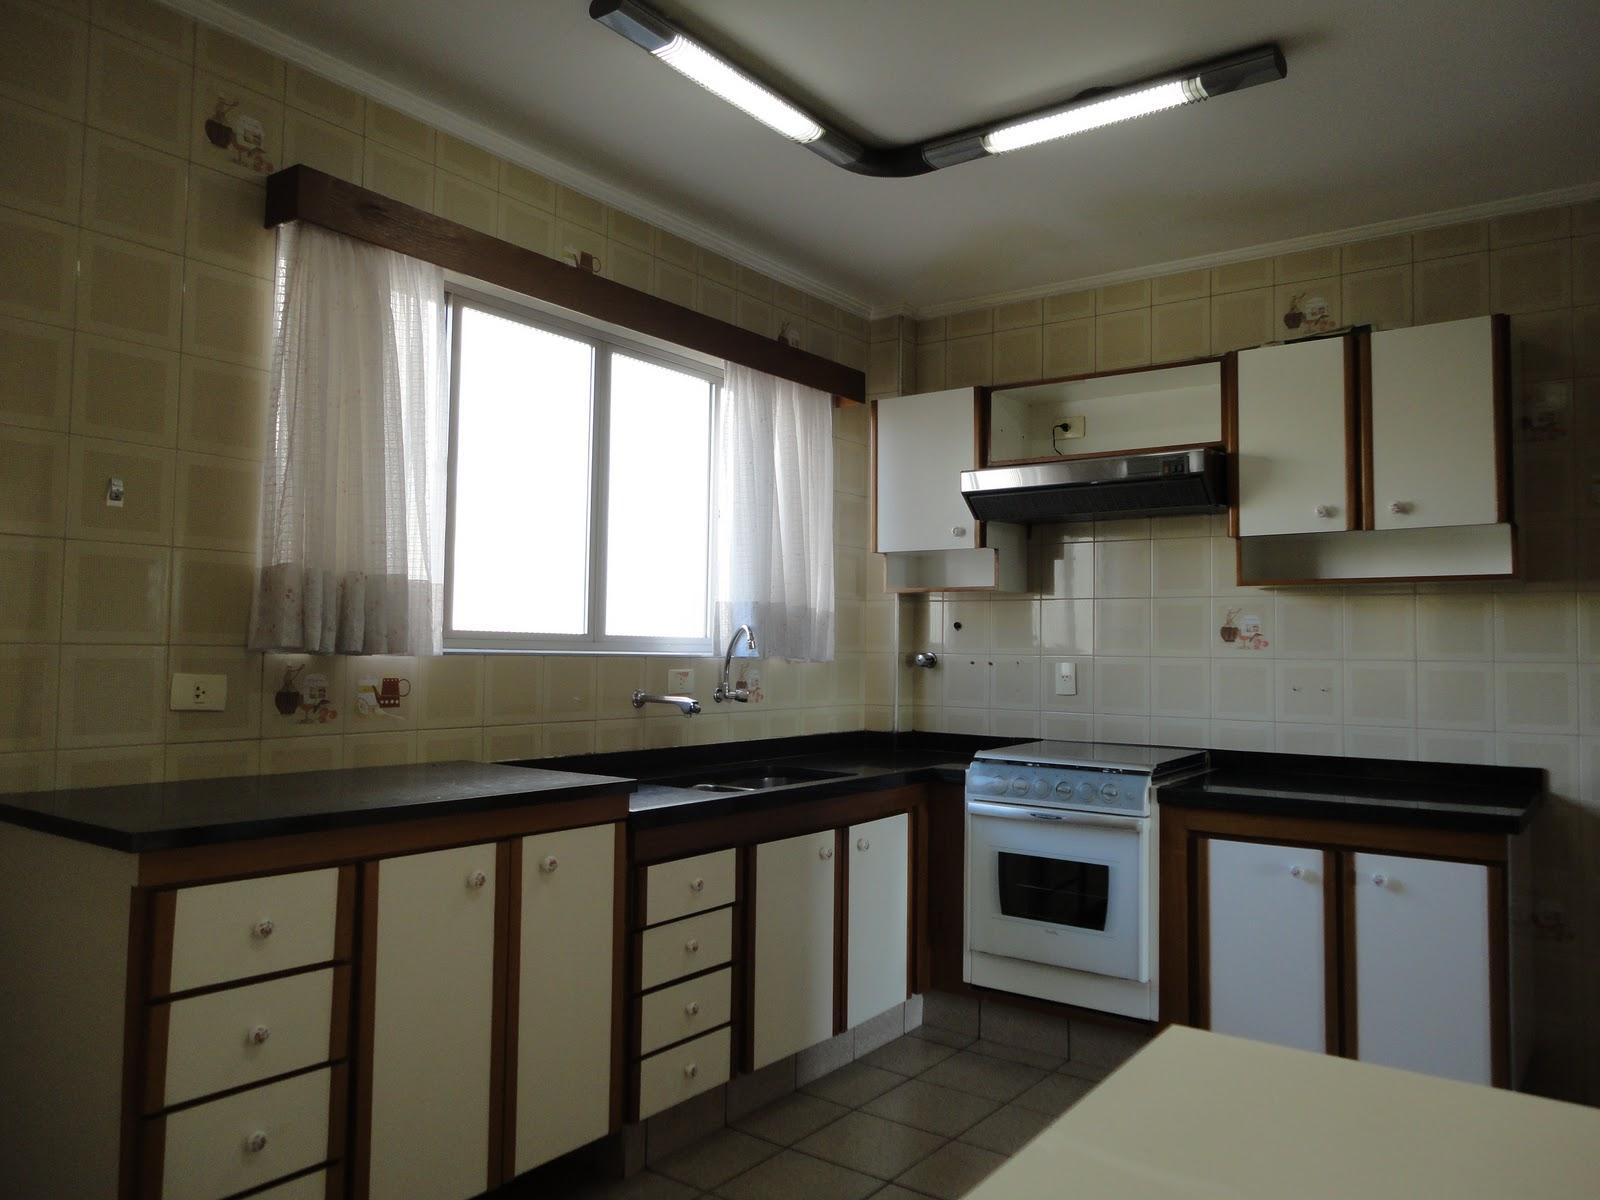 Cozinha muito espaçosa, equipada com armários novos, fogão embutido